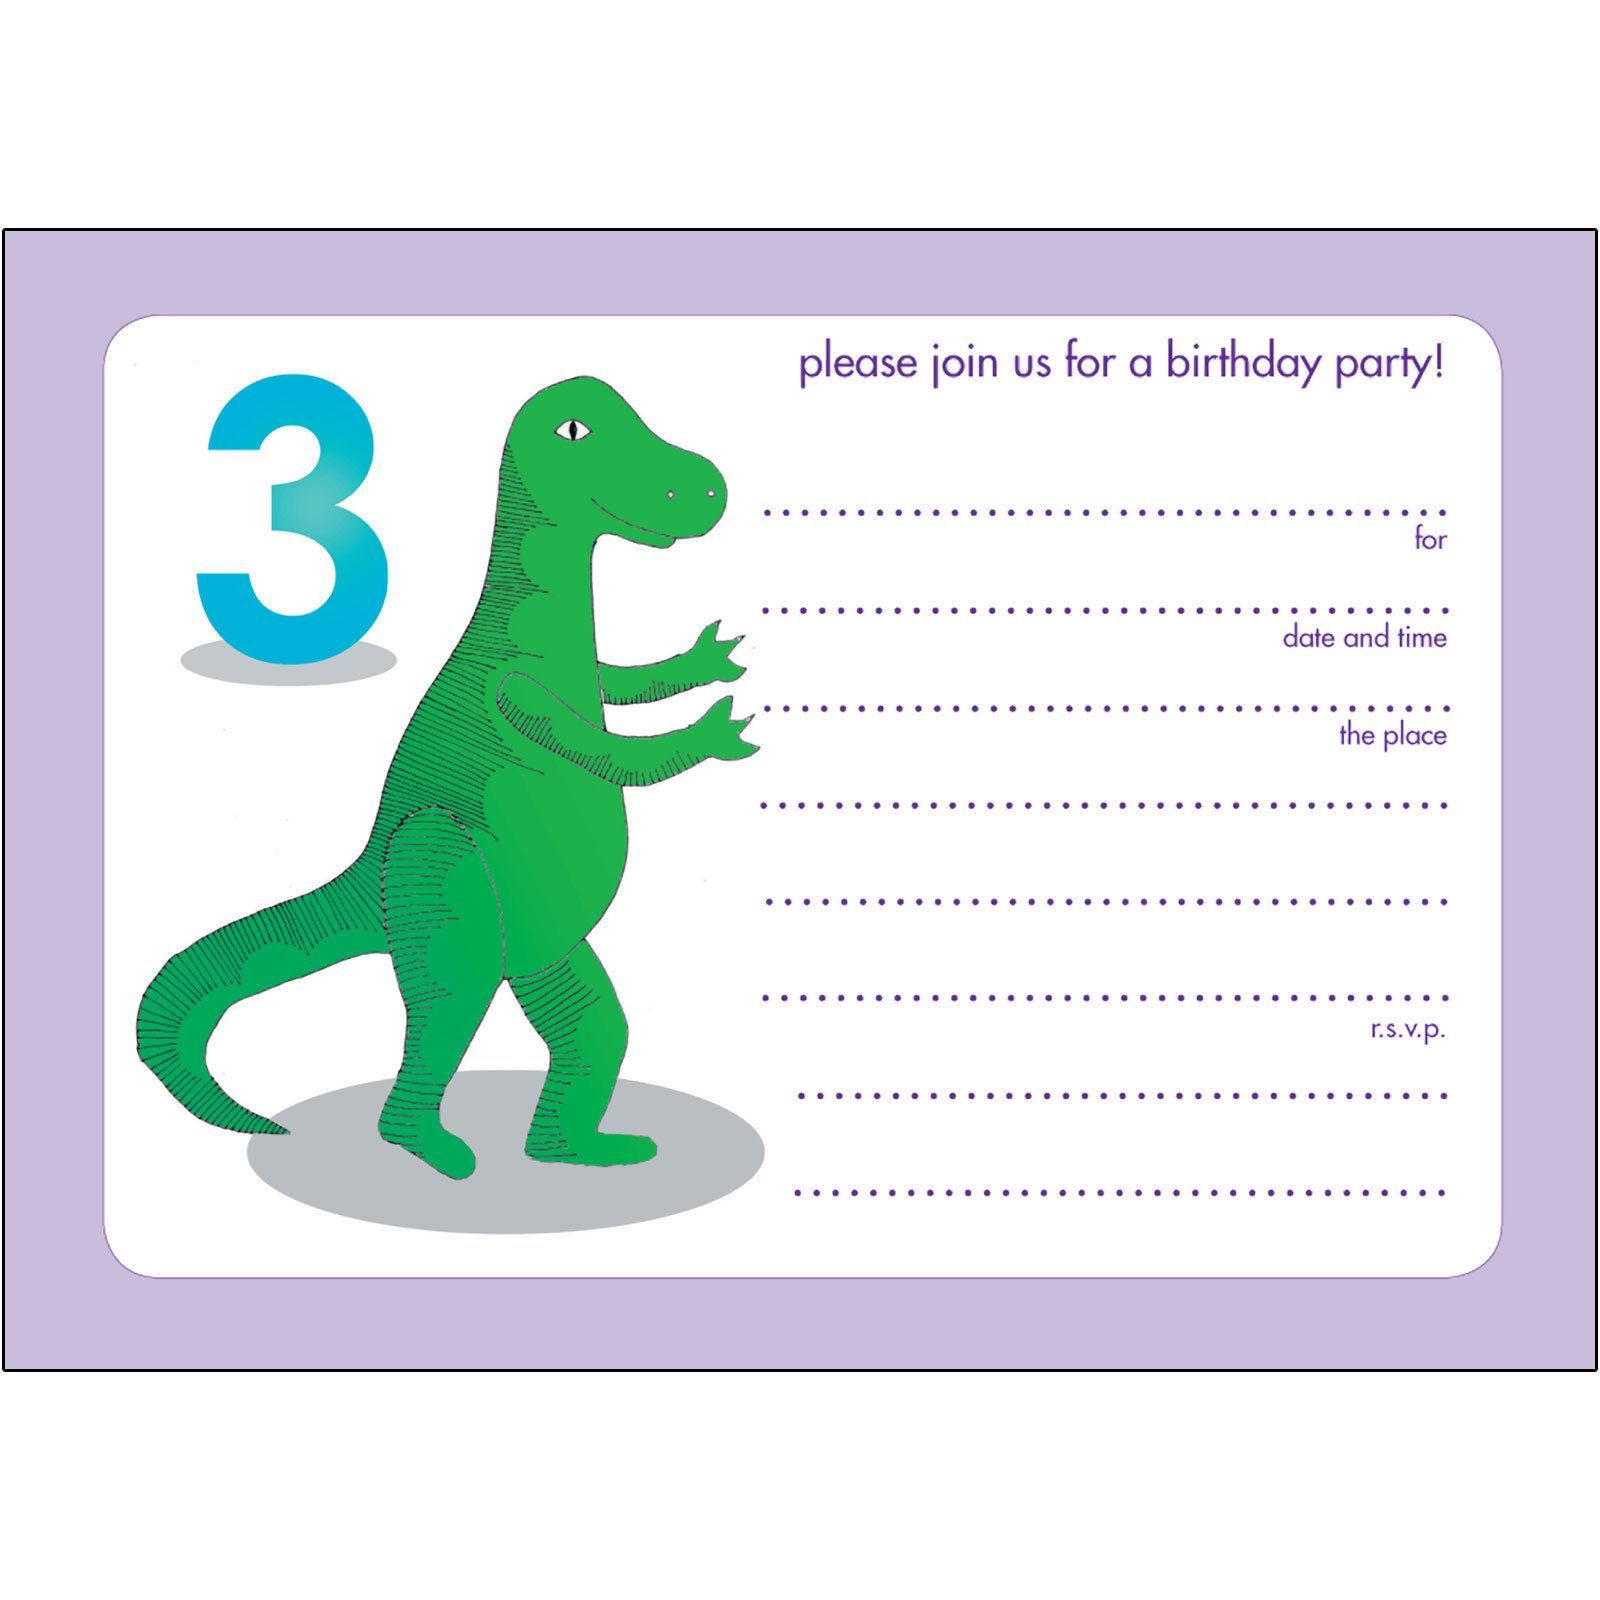 Printable 3td dinosaur birthday invitations templates birthday printable 3td dinosaur birthday invitations templates filmwisefo